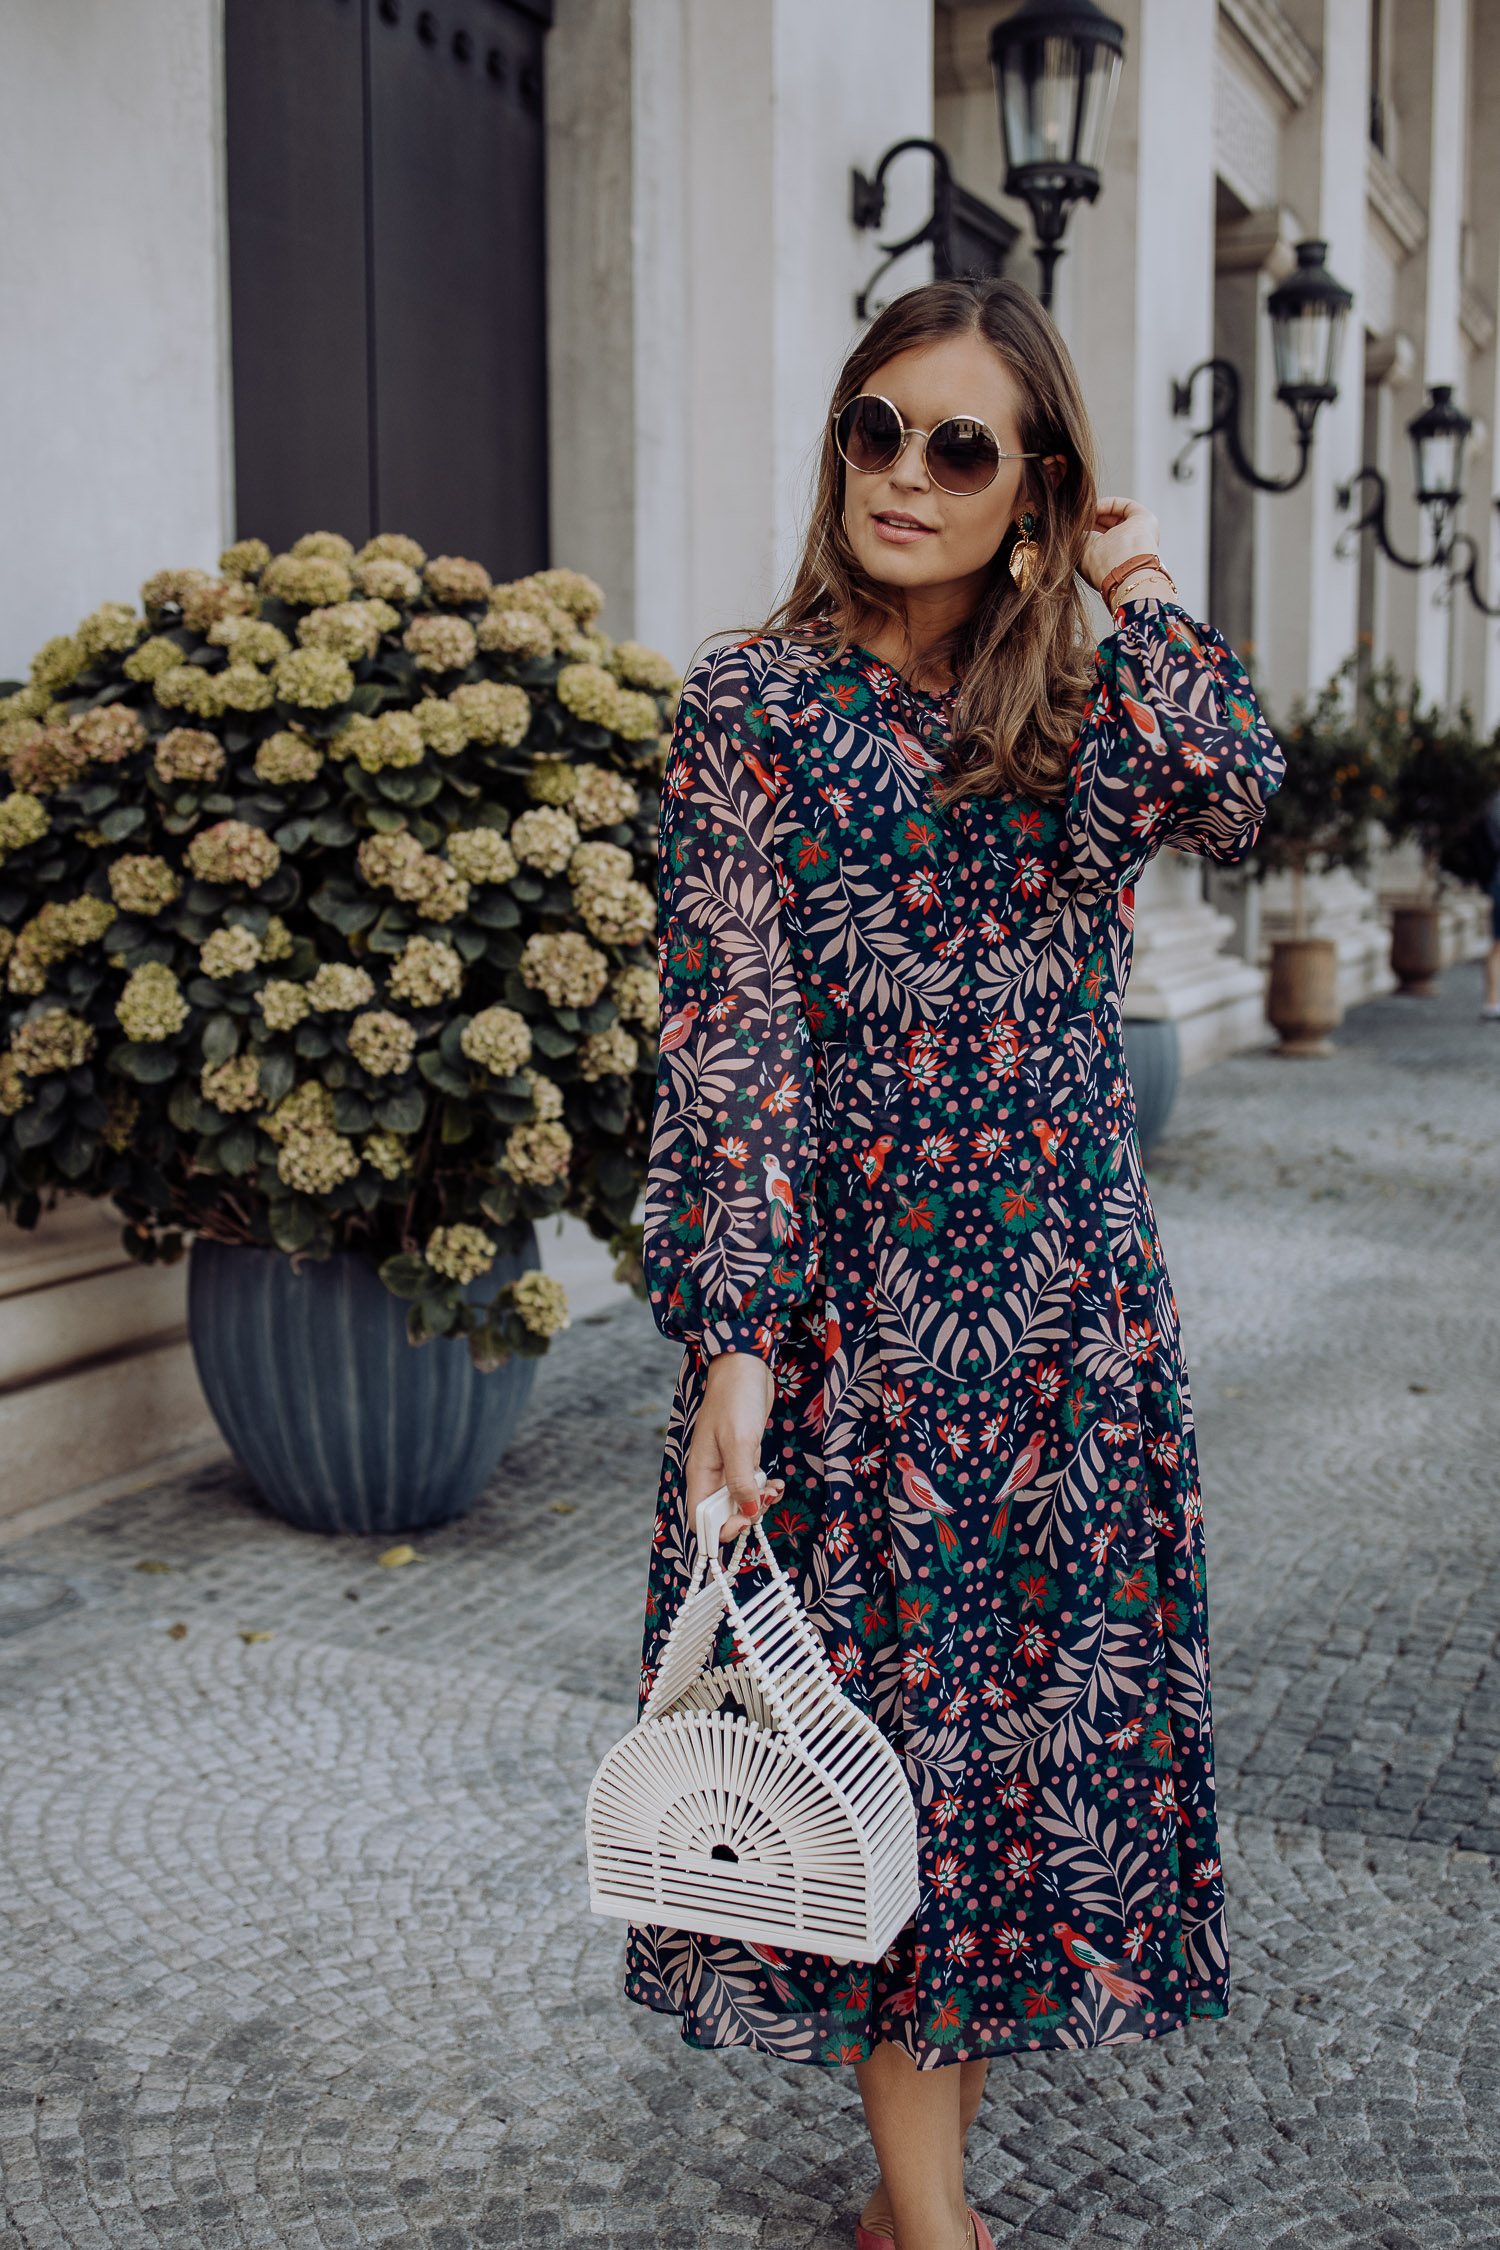 Boden Kleid Herbst 14 - Josie Loves